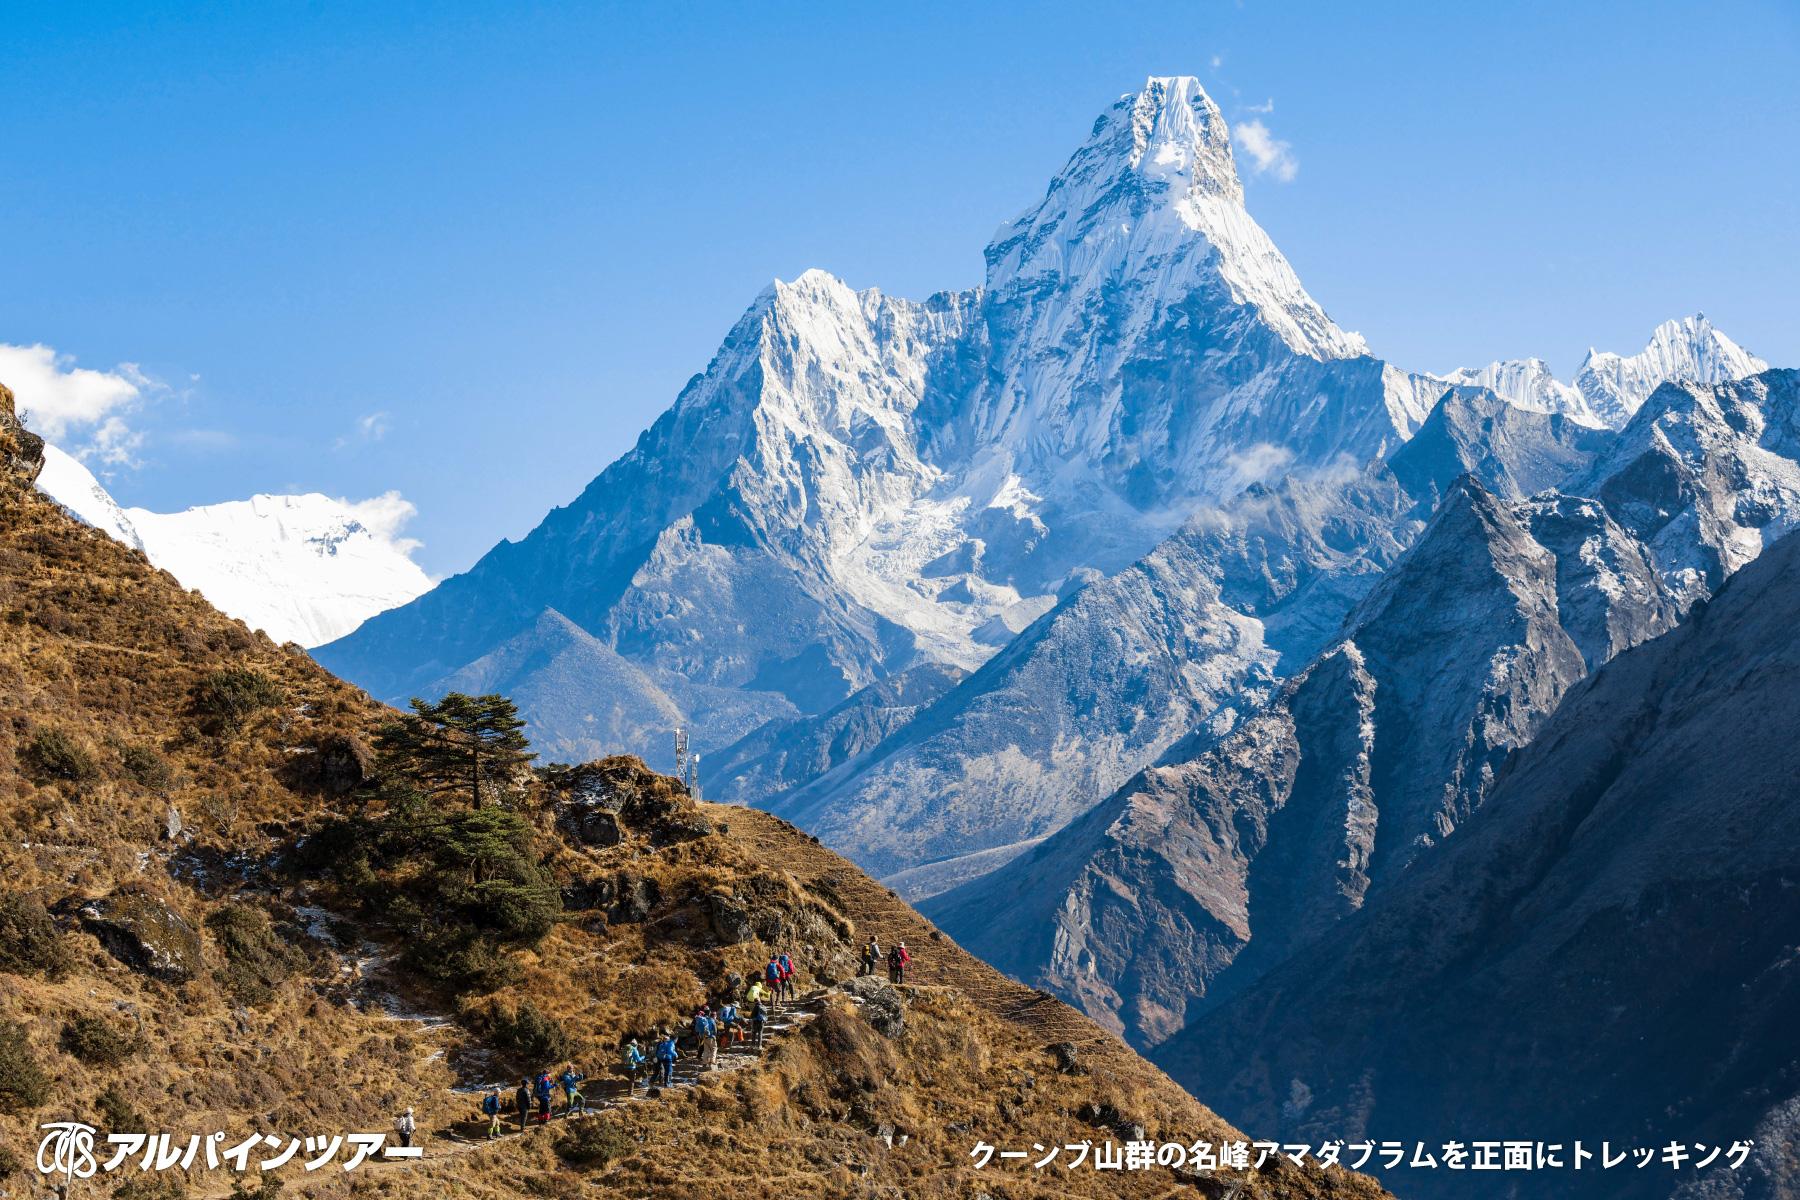 【エリア紹介】 エベレスト街道・シェルパの里ナムチェ(ネパール)